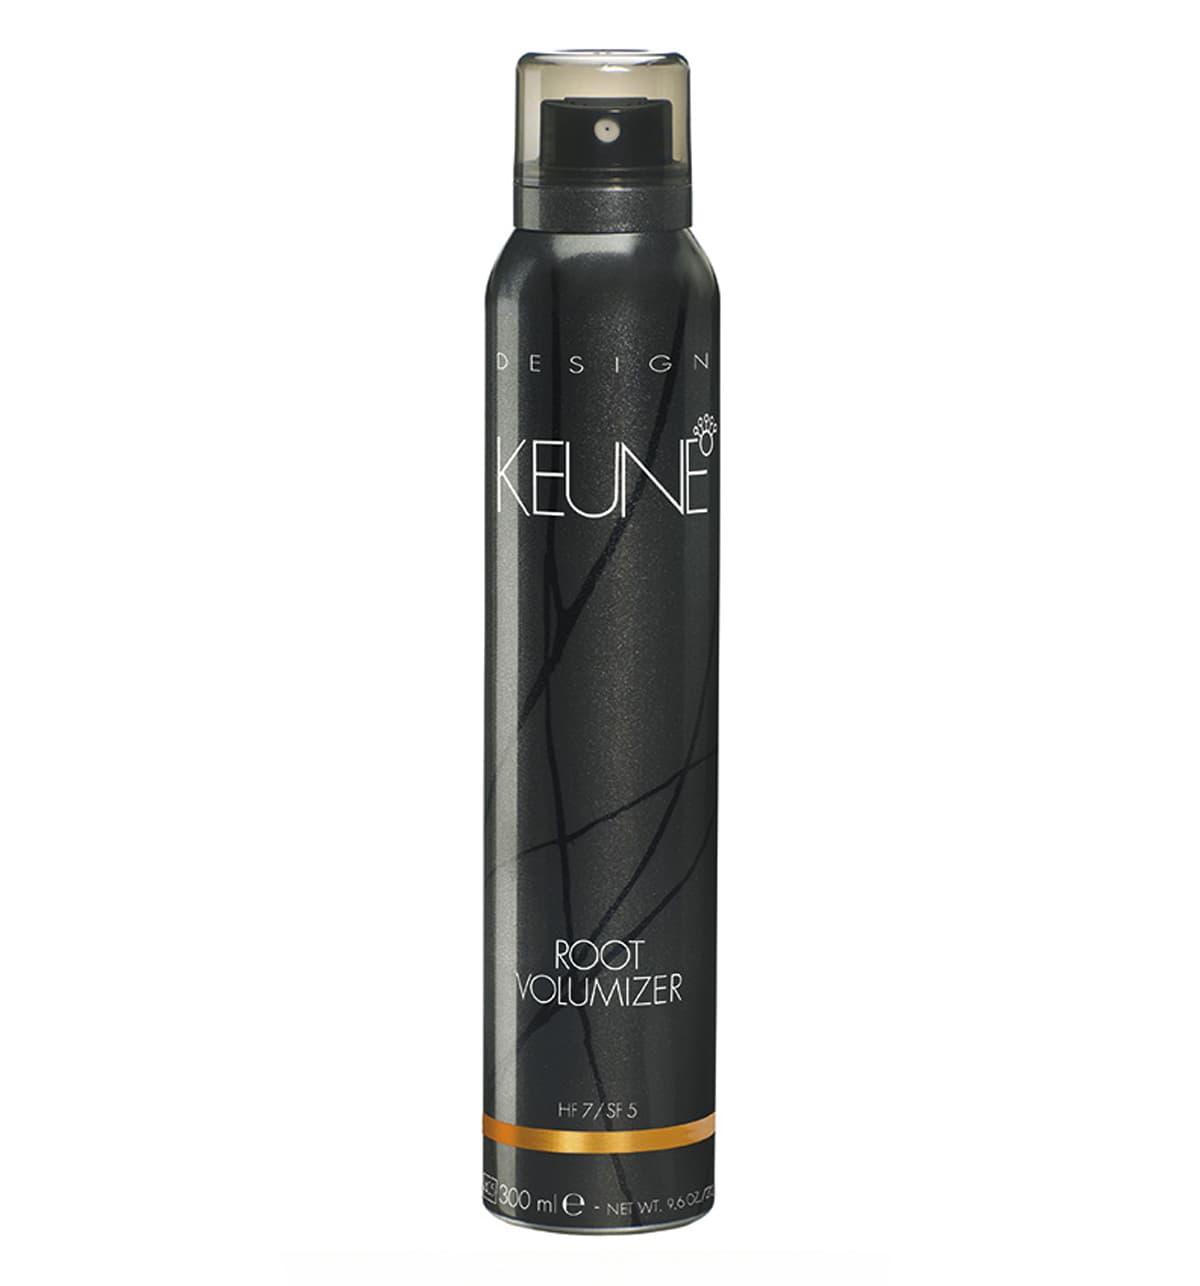 Keune Root Volumizer Spray Мусс-Спрей Прикорневой Объем